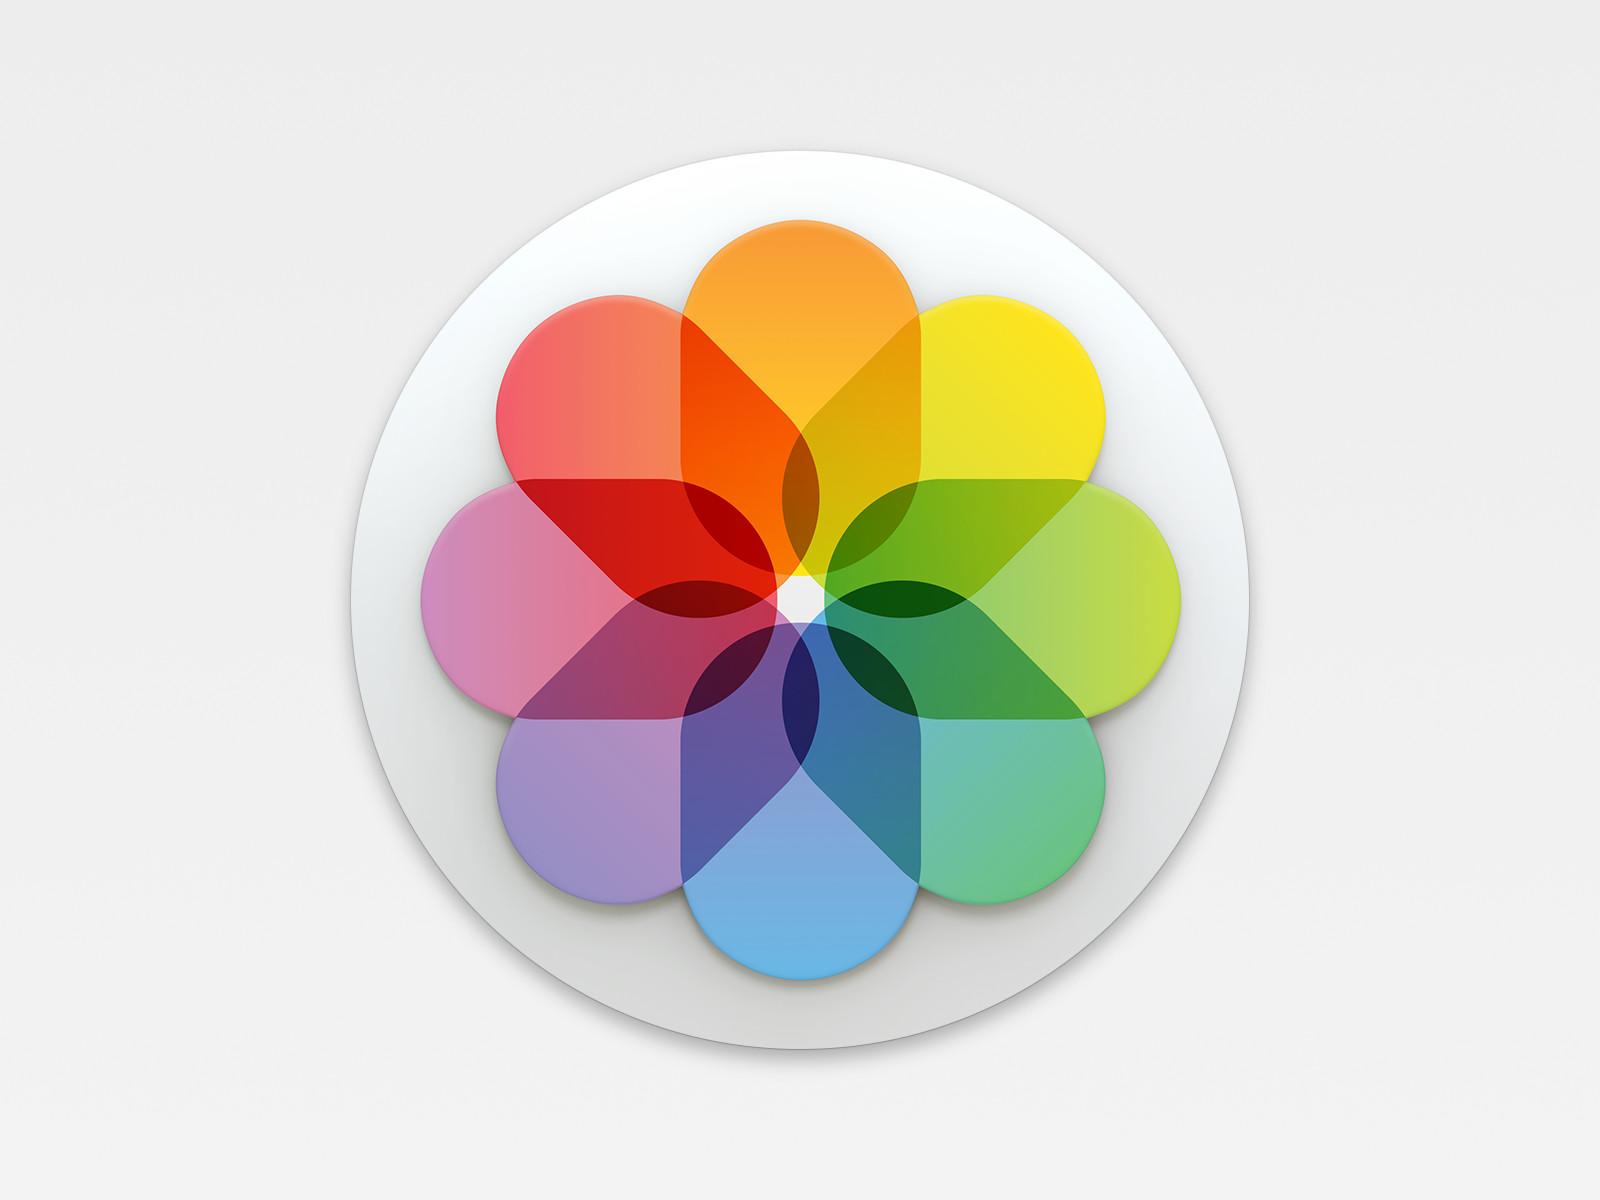 iPhone-Videos mit 60 Bildern pro Sekunde aufnehmen | schieb.de